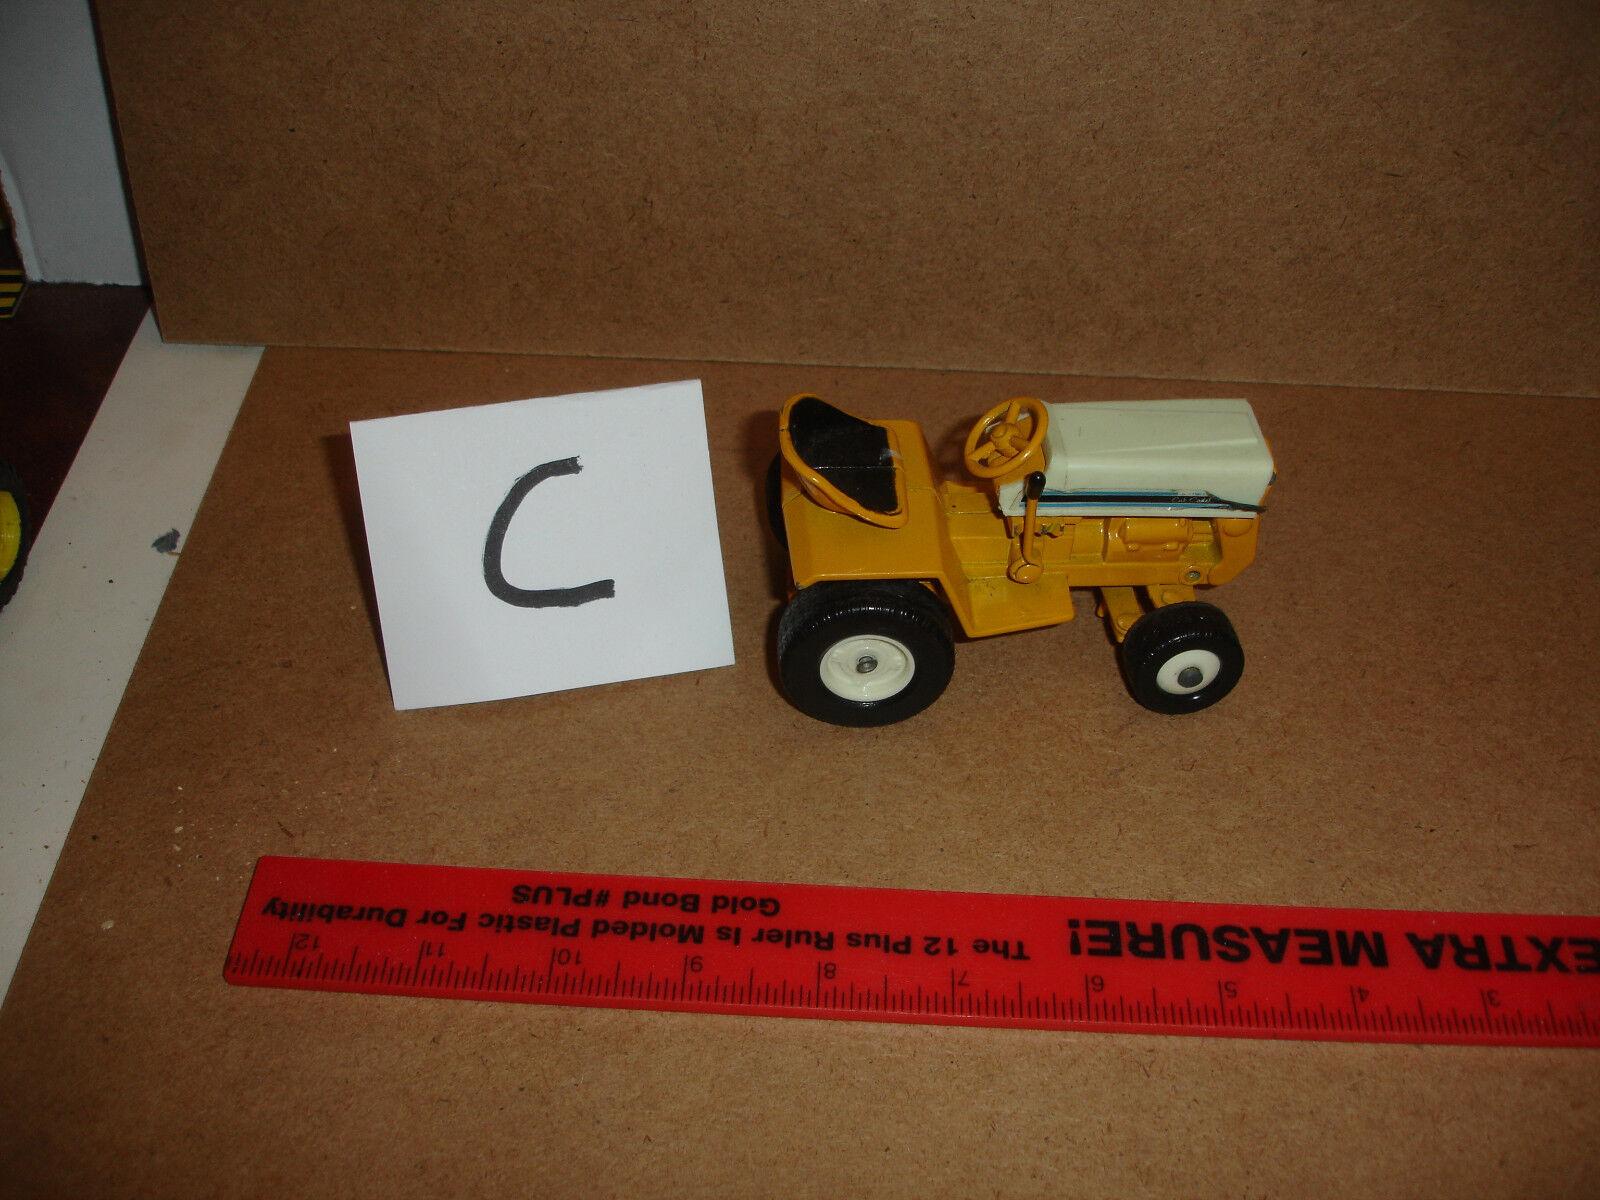 1 16  cub cadet 126  toy lawn mower